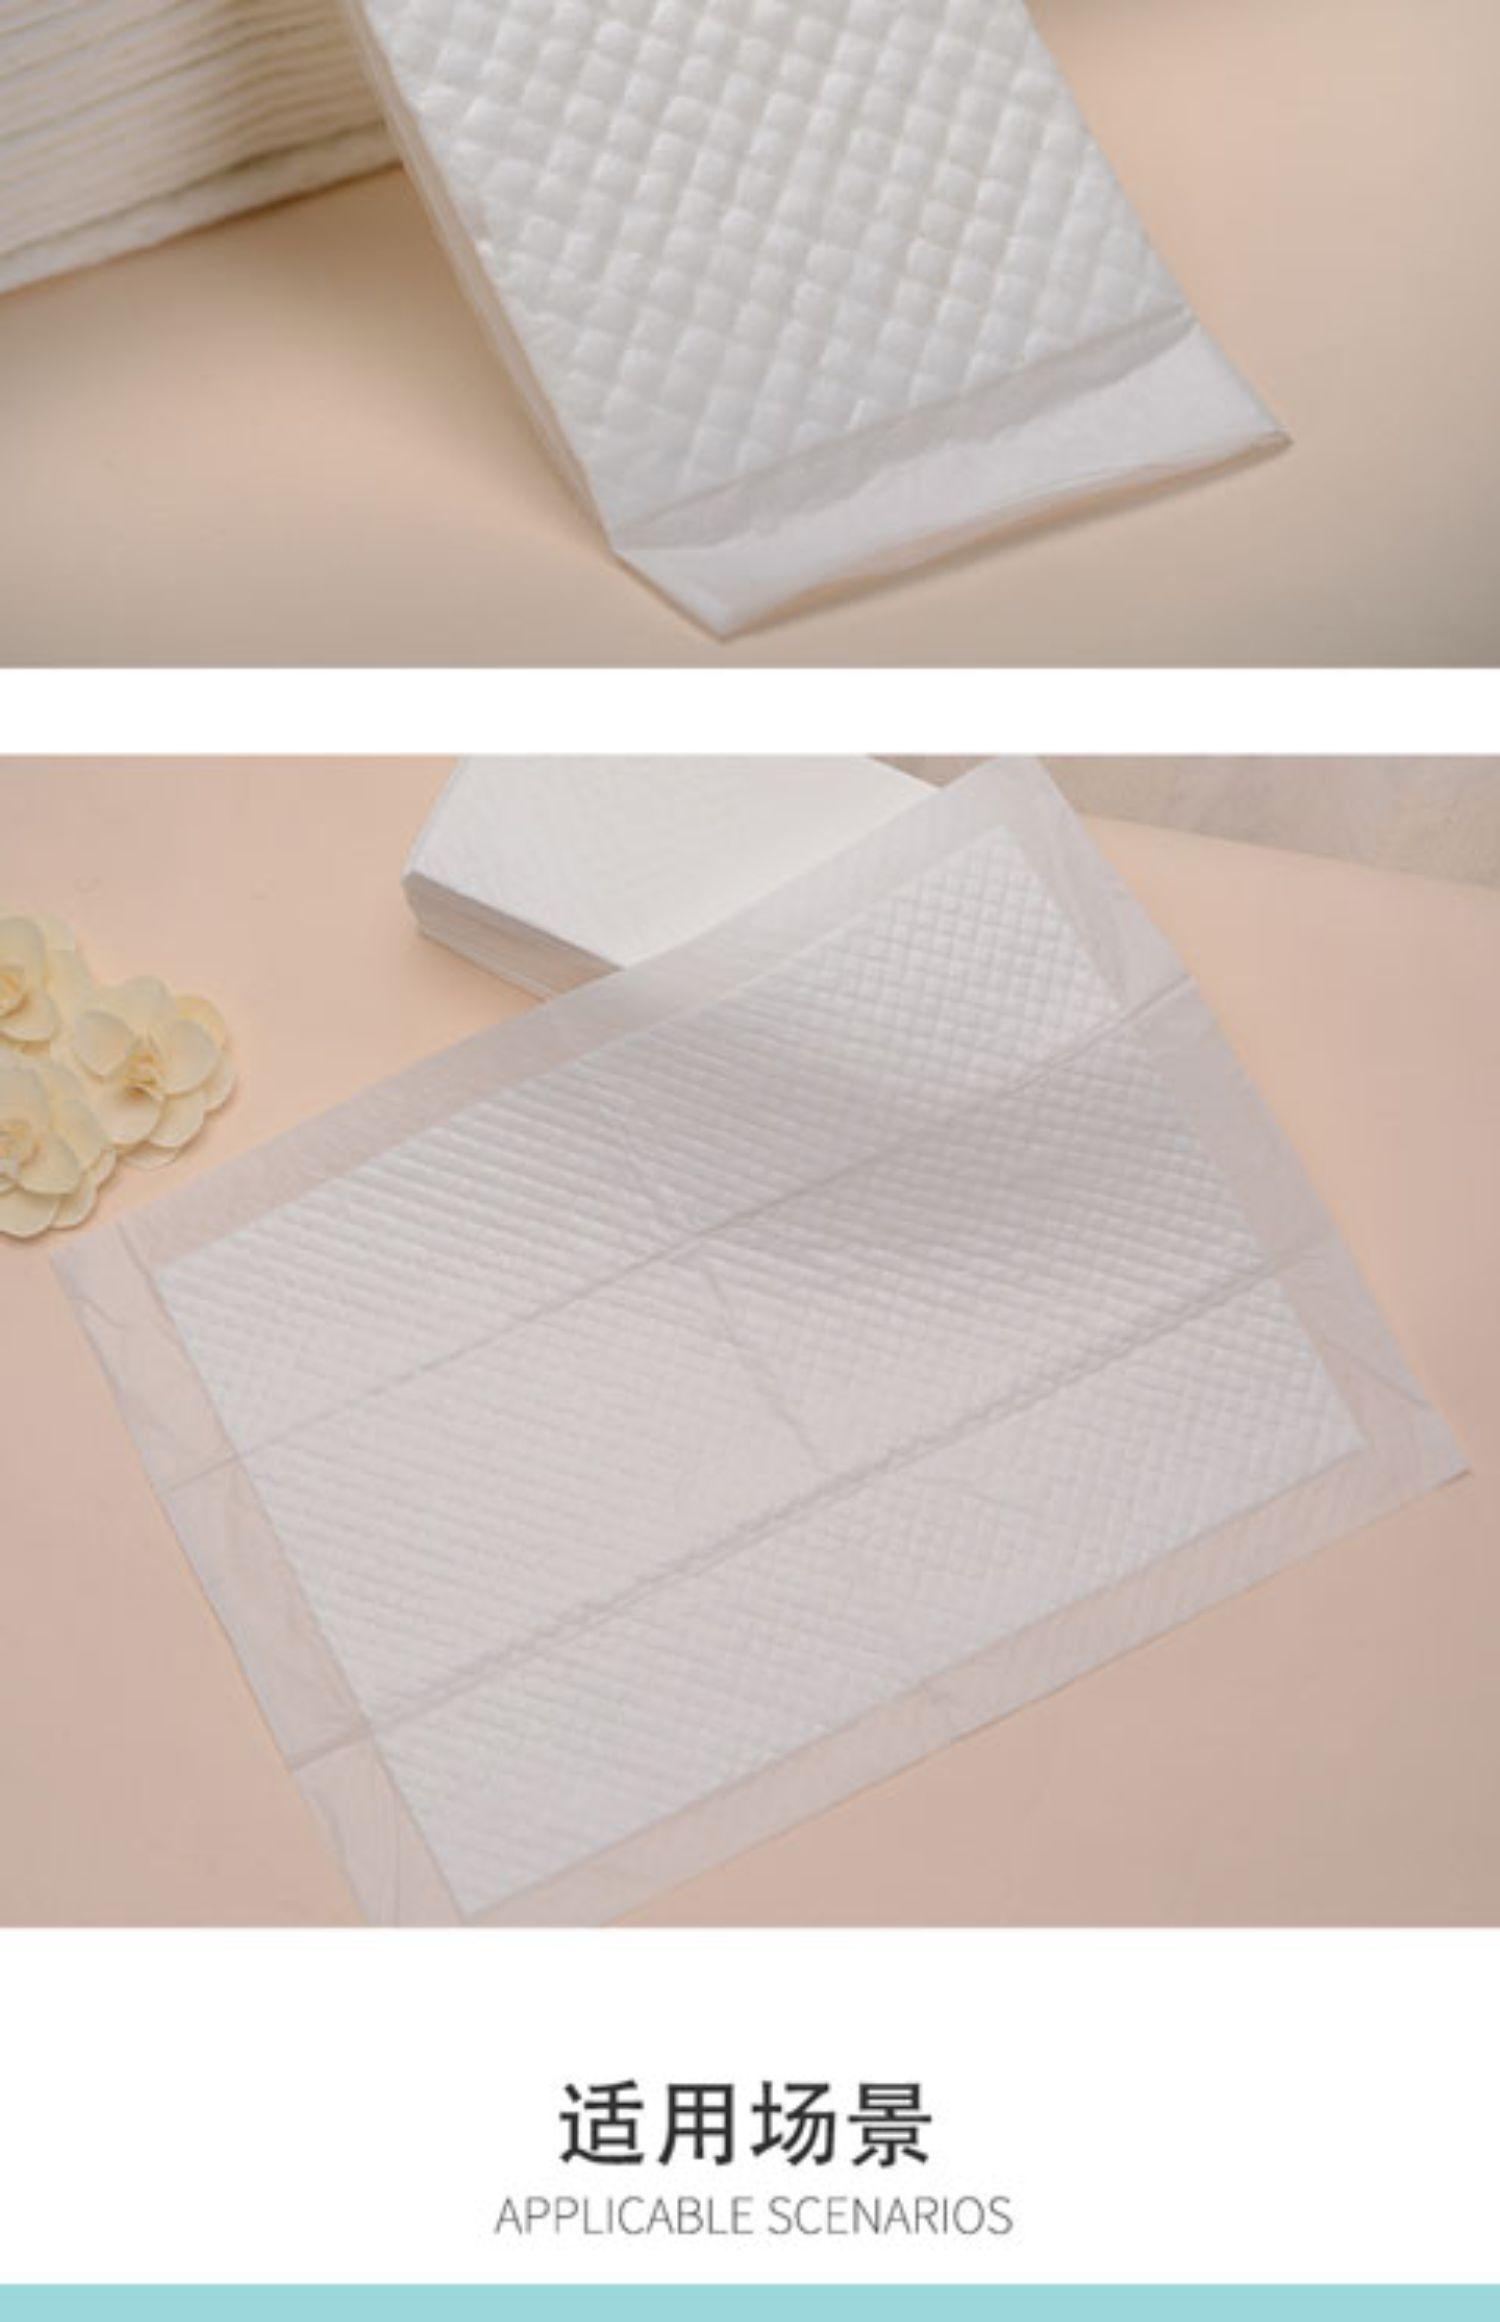 【到手价19.8元】婴儿透气隔尿垫护理垫